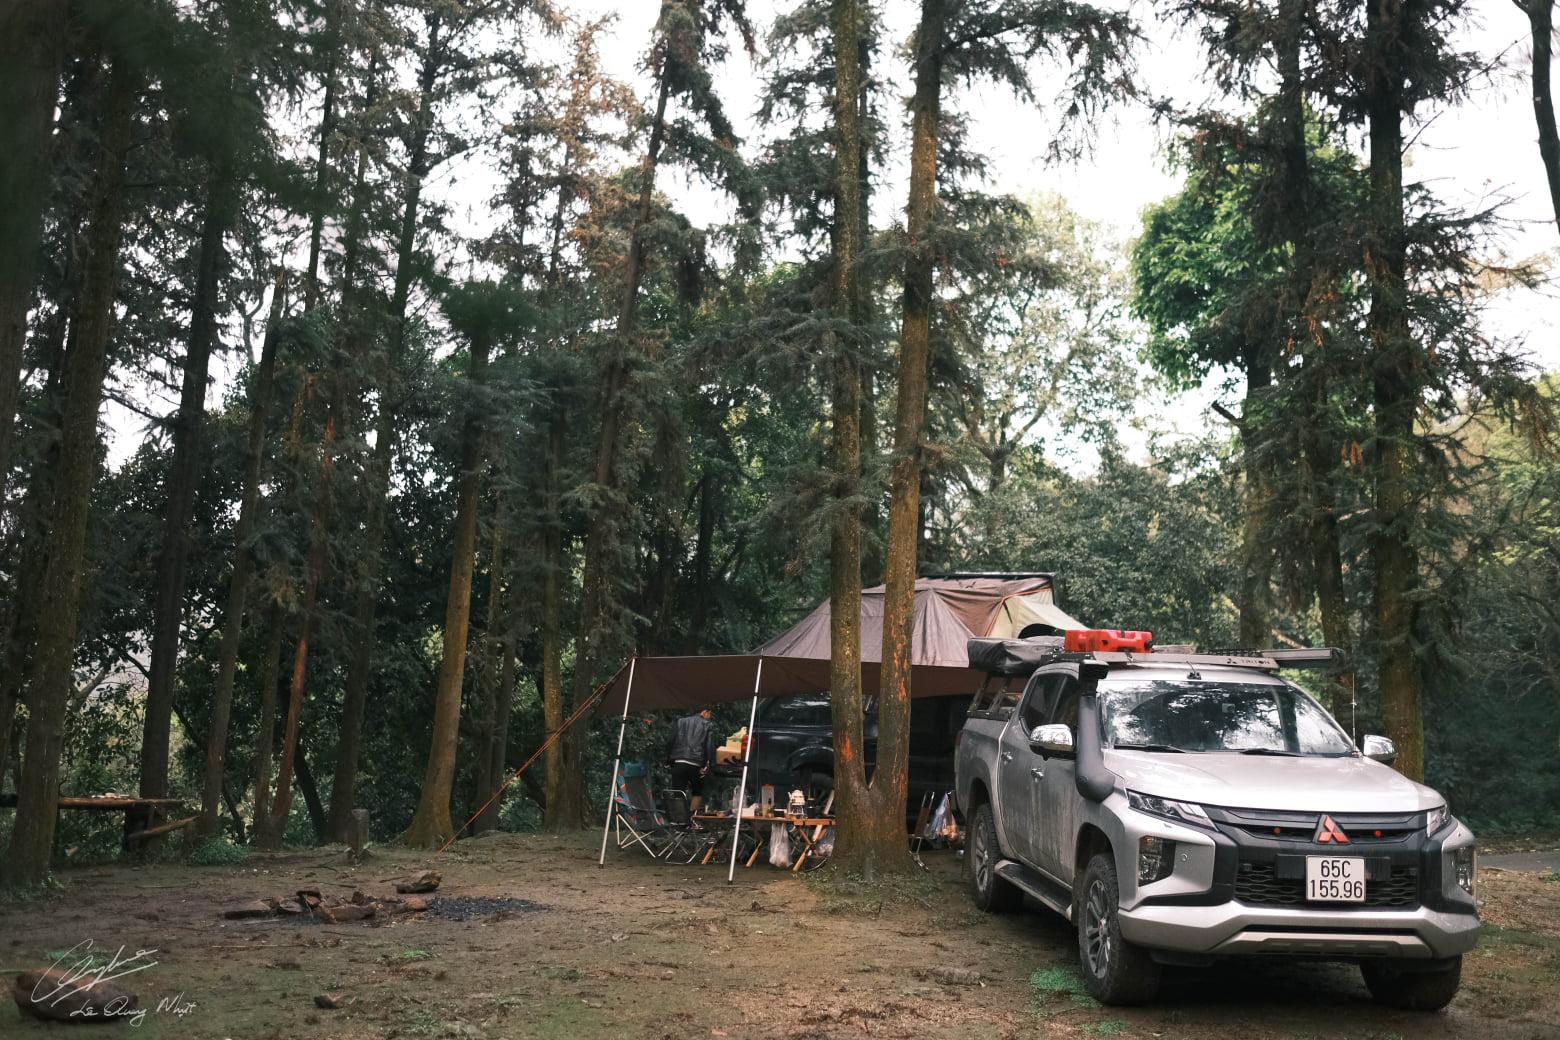 Muốn đi cắm trại từ núi non đến ven biển trong phạm vi 300km, chẳng thể bỏ lỡ những địa danh vô cùng đẹp, các camper nên chinh phục 1 lần - Ảnh 1.